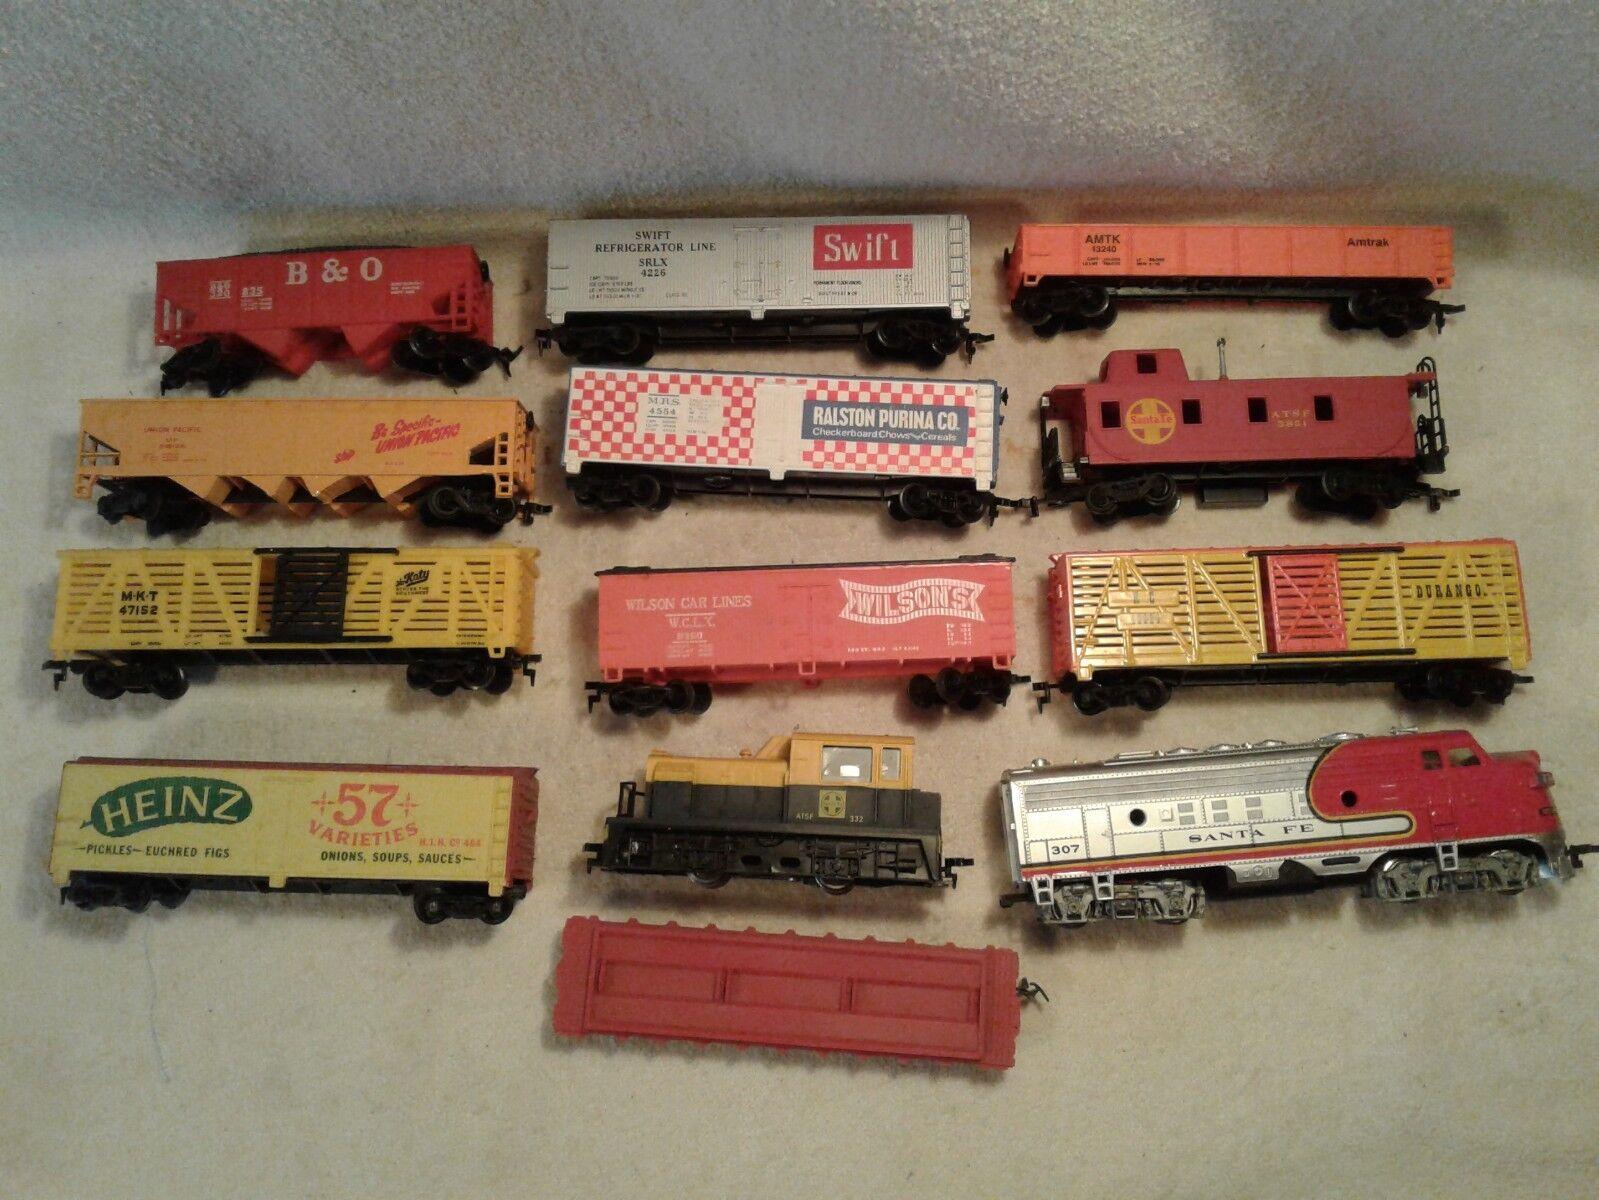 Vintage 13 Pc Conjunto de tren de Escala Ho Bachman Tyco Ahm Diesel Loco Furgón De Cola Caja de coches